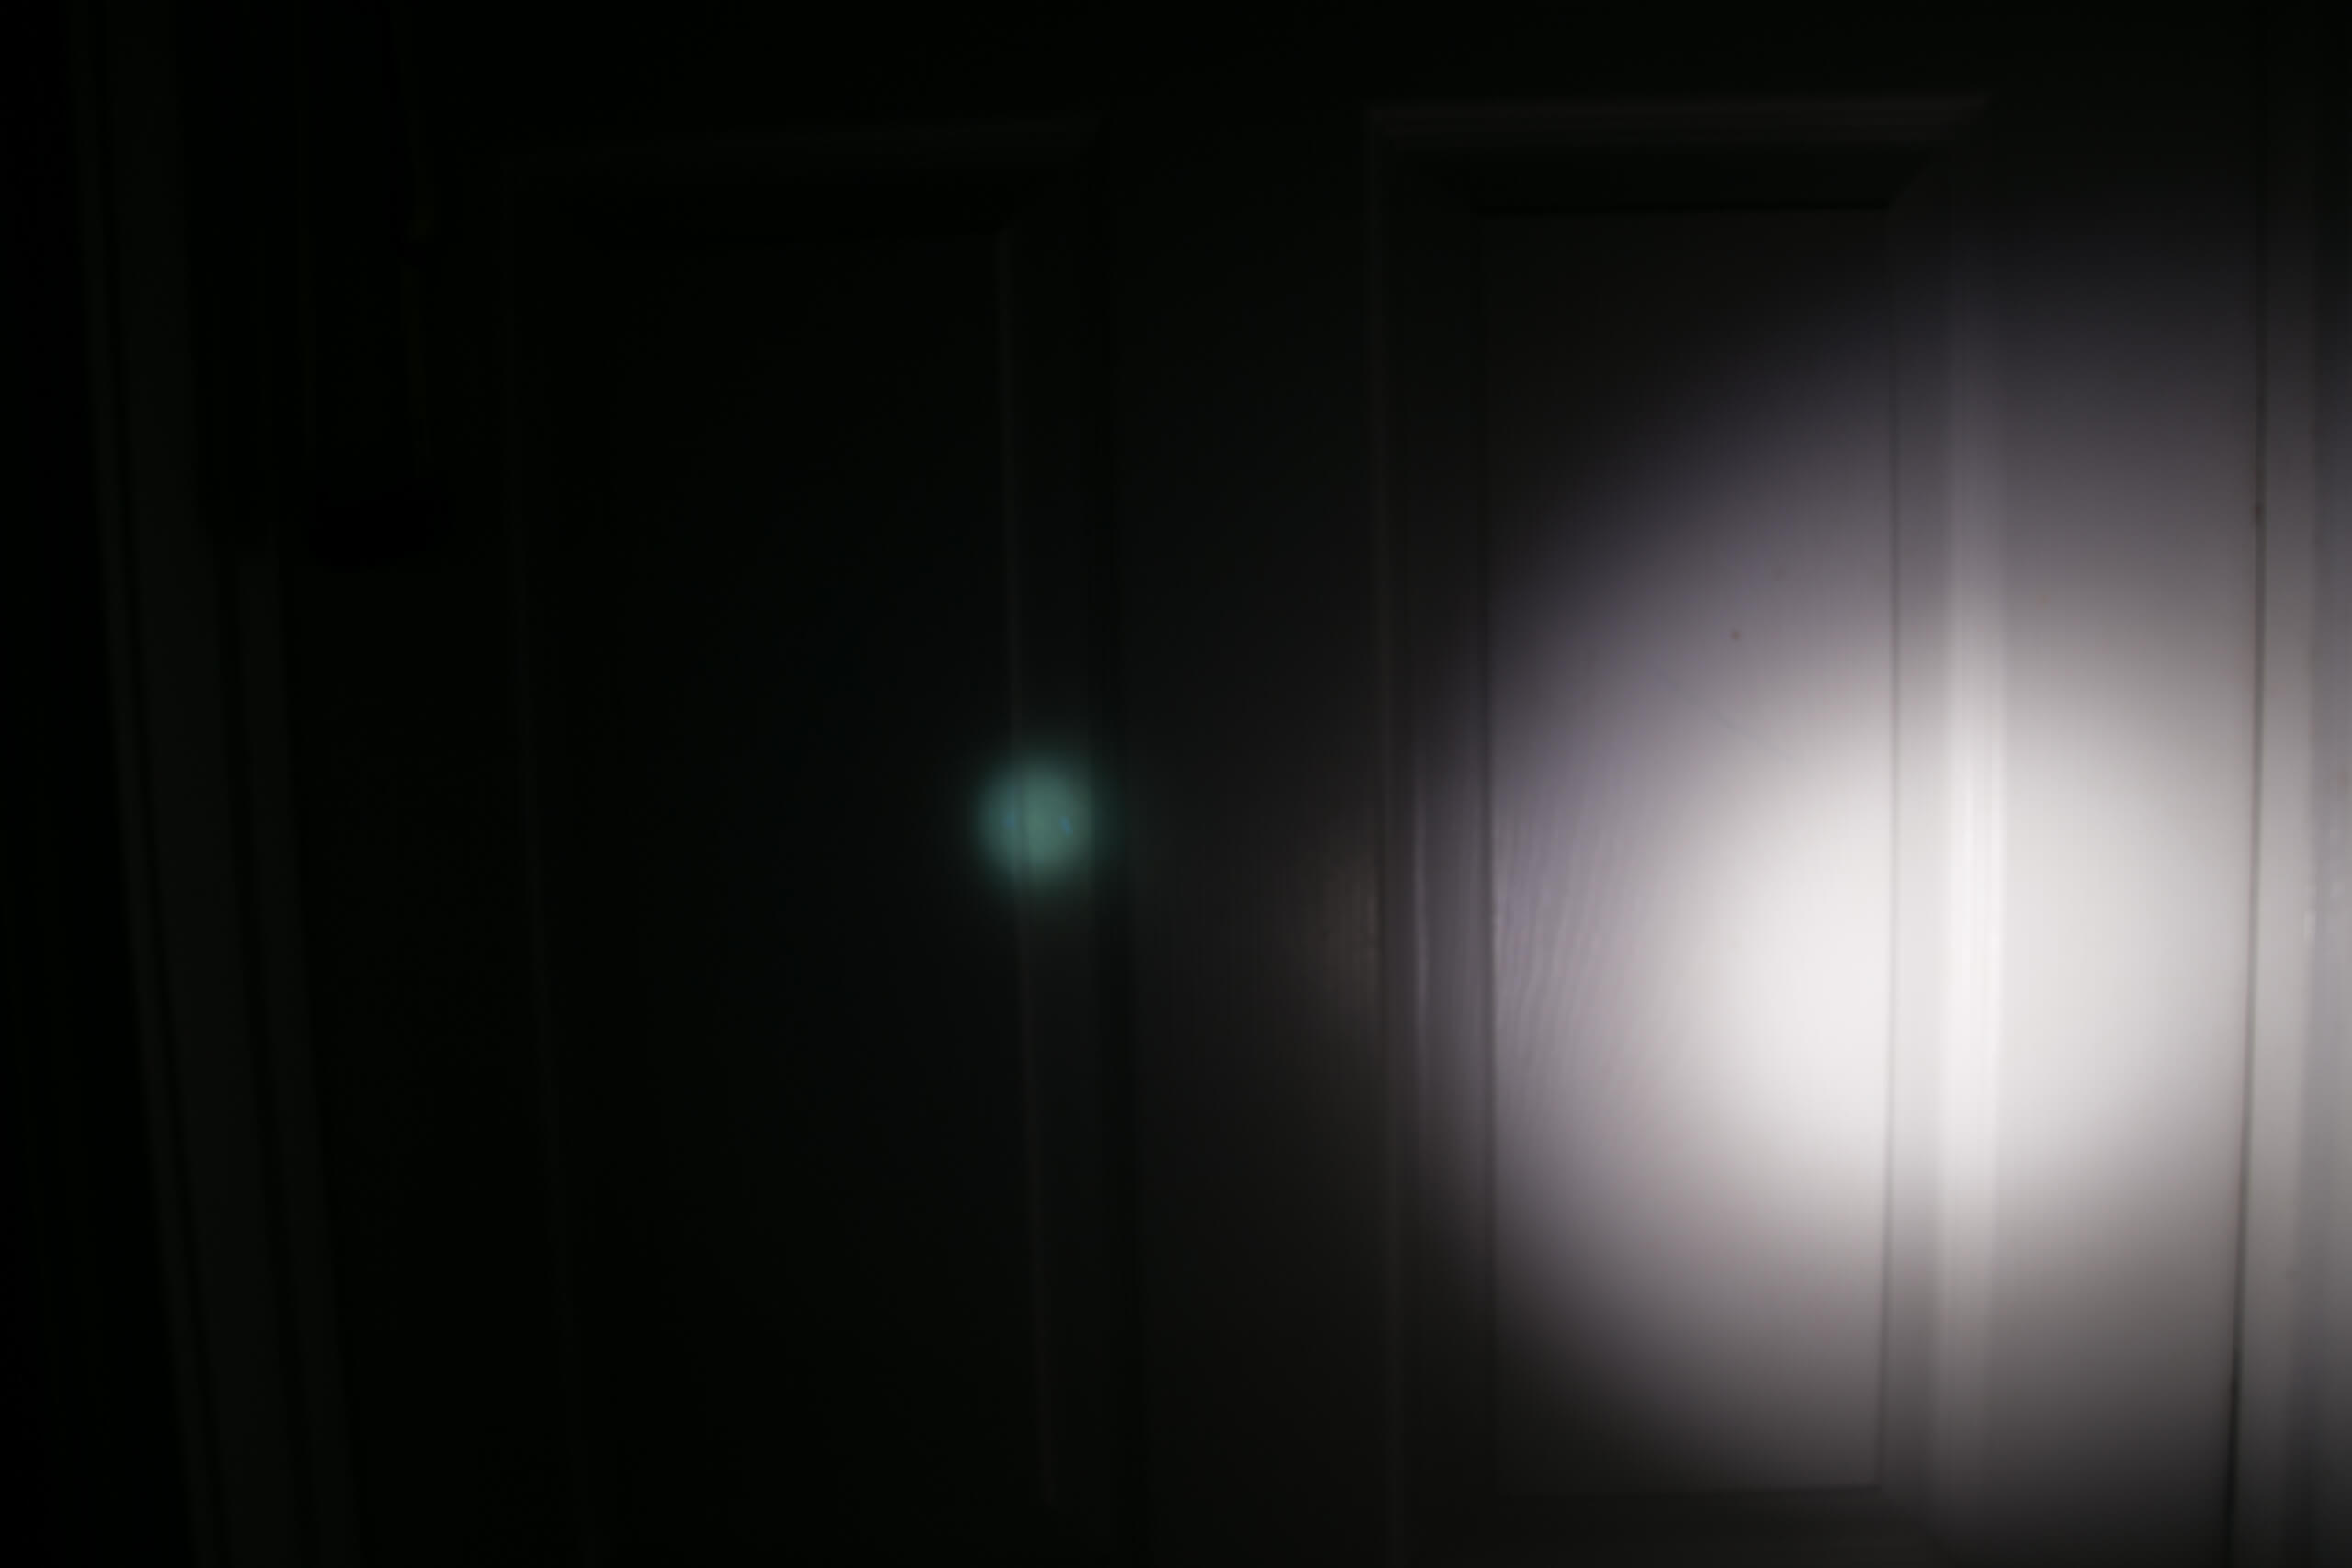 sofirn sp31uv ultraviolet 18650 flashlight beamshots door low